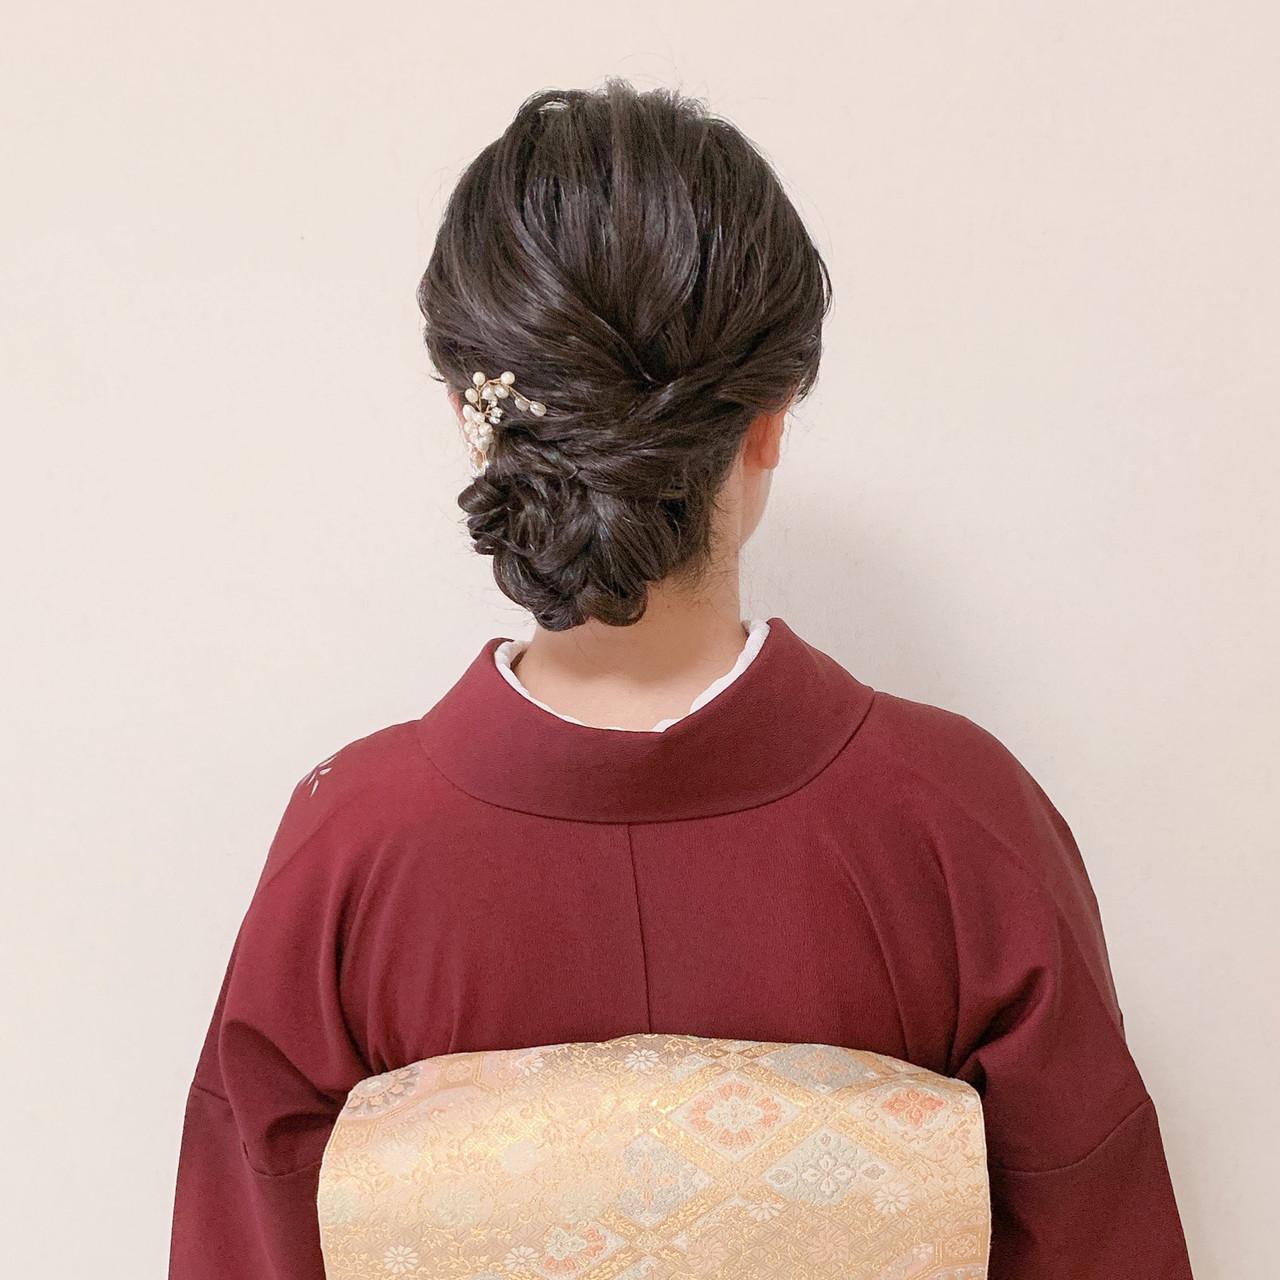 結婚式ヘアアレンジ パーティー エレガント お呼ばれ ヘアスタイルや髪型の写真・画像